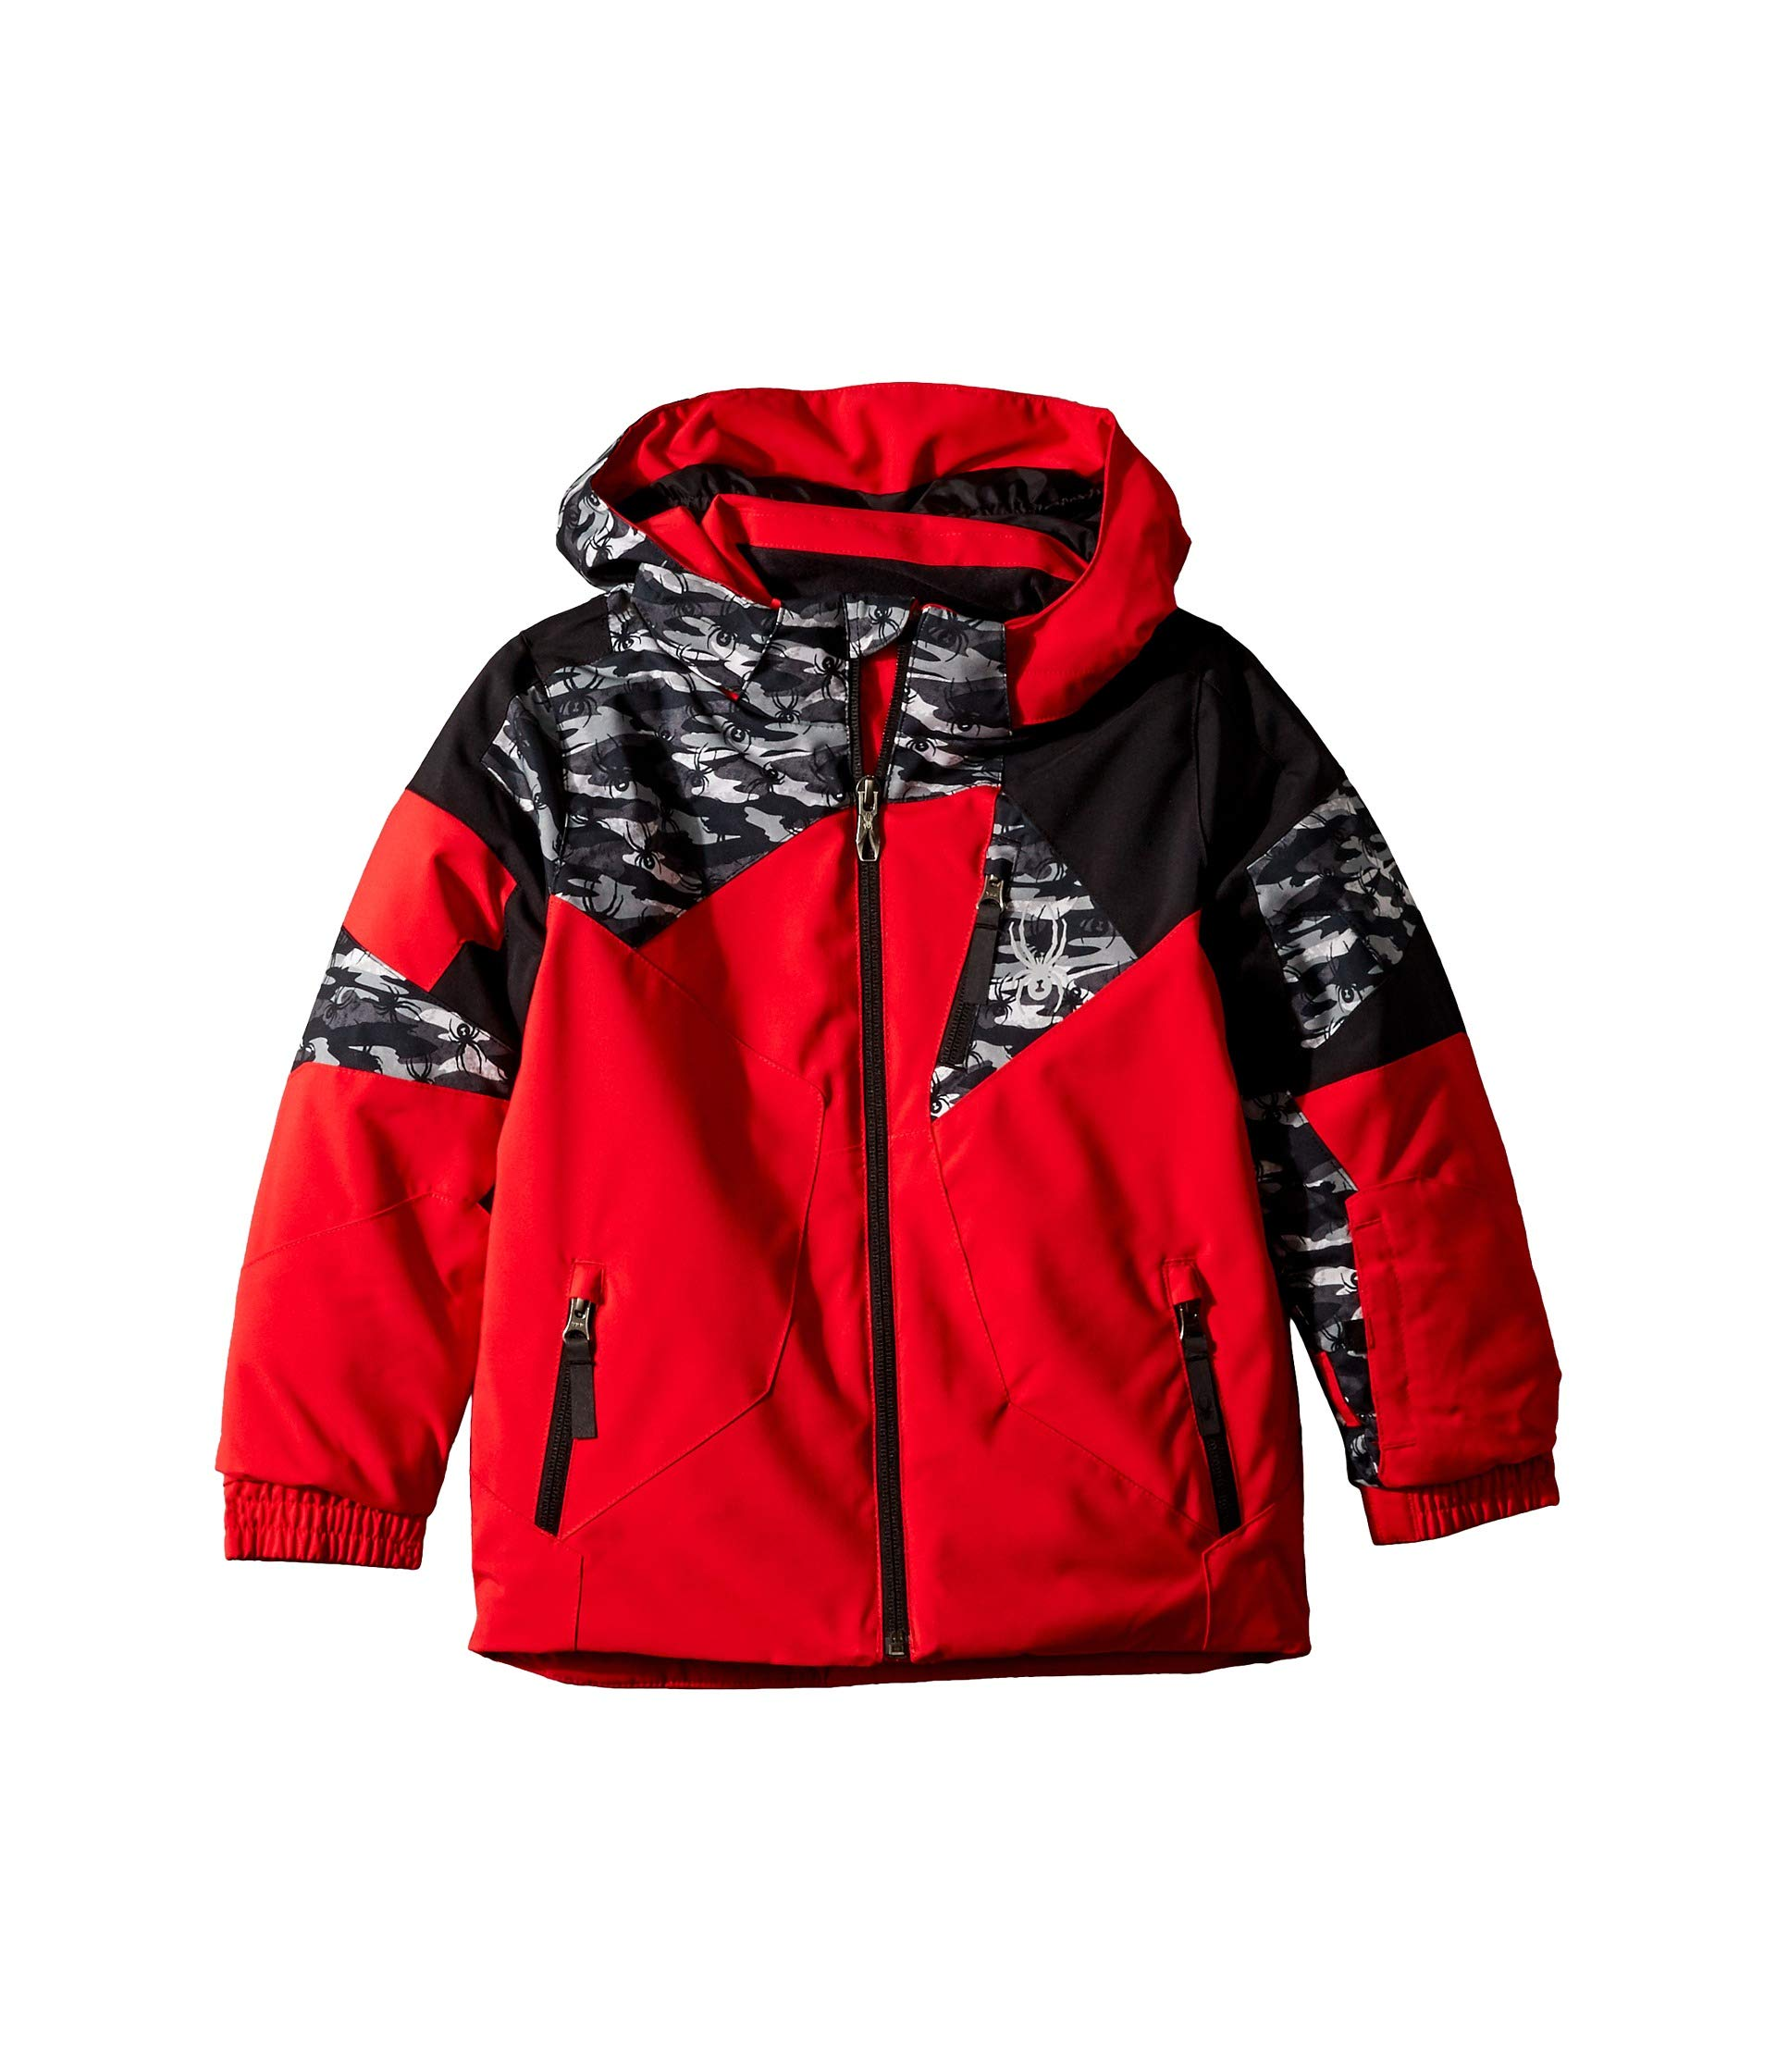 Spyder Kids Baby Boy's Leader Jacket (Toddler/Little Kids/Big Kids) Red Camo Black/Black 4 US Little Kid